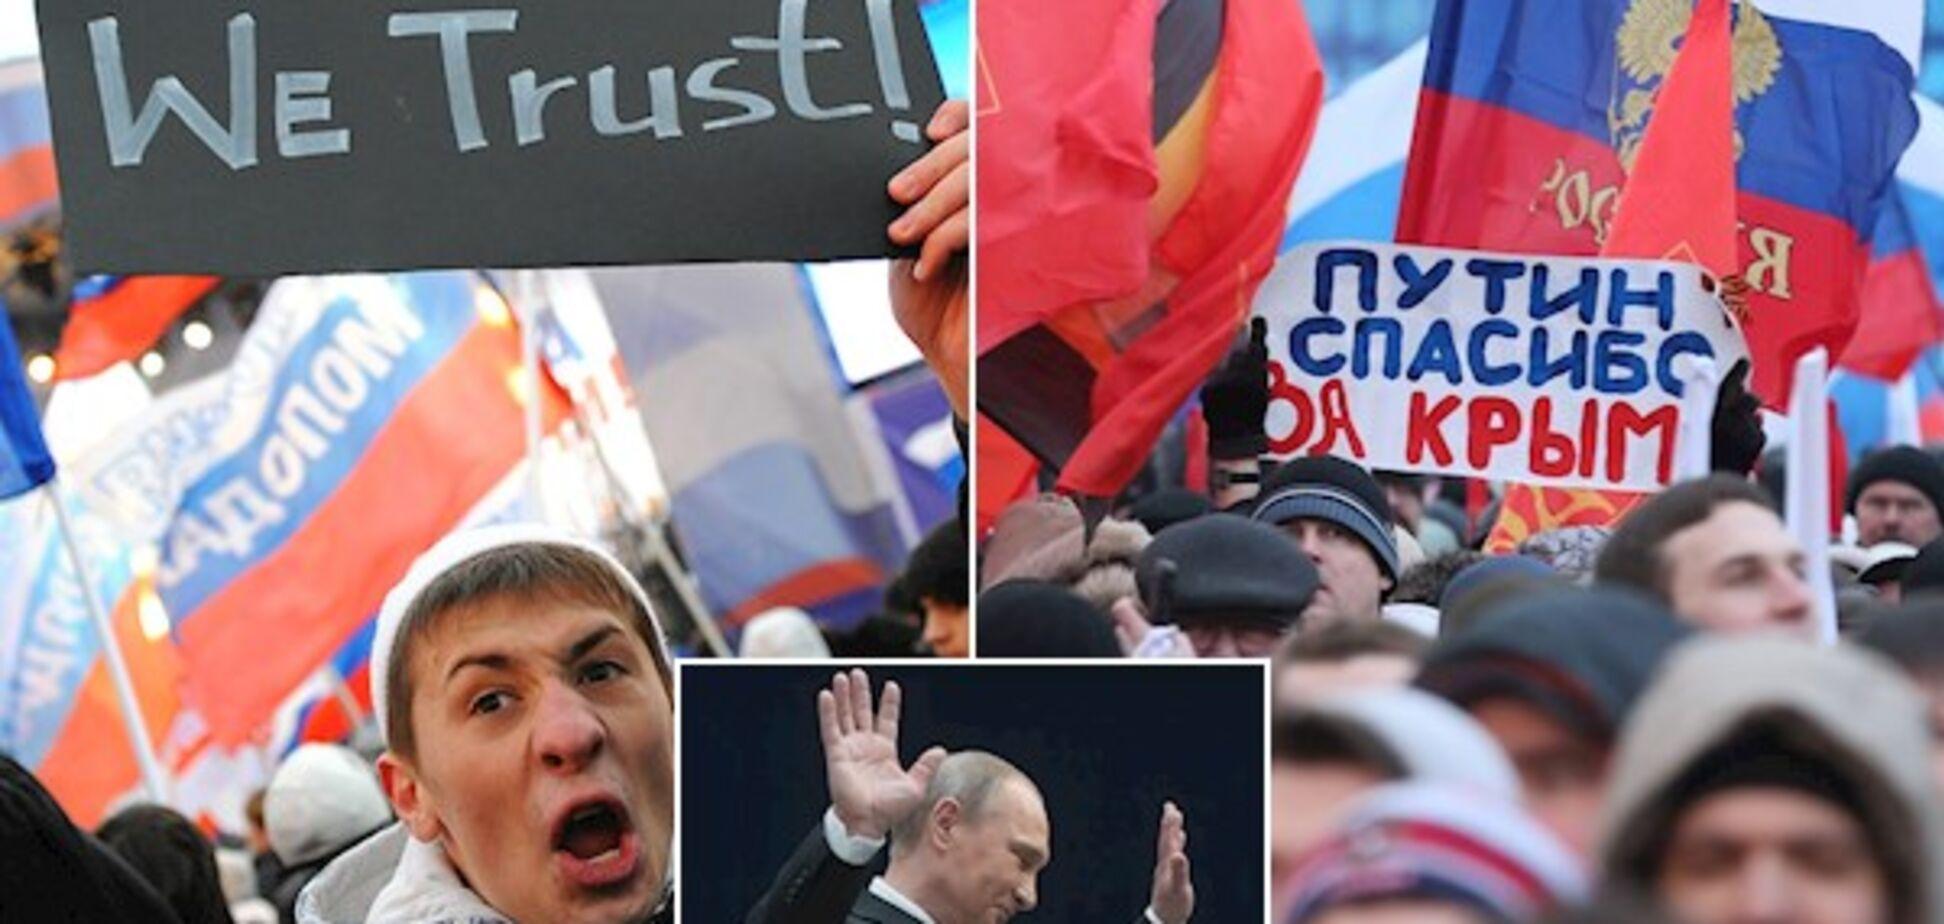 Чому росіяни вибирають Путіна: Медведєв розкрив секрет